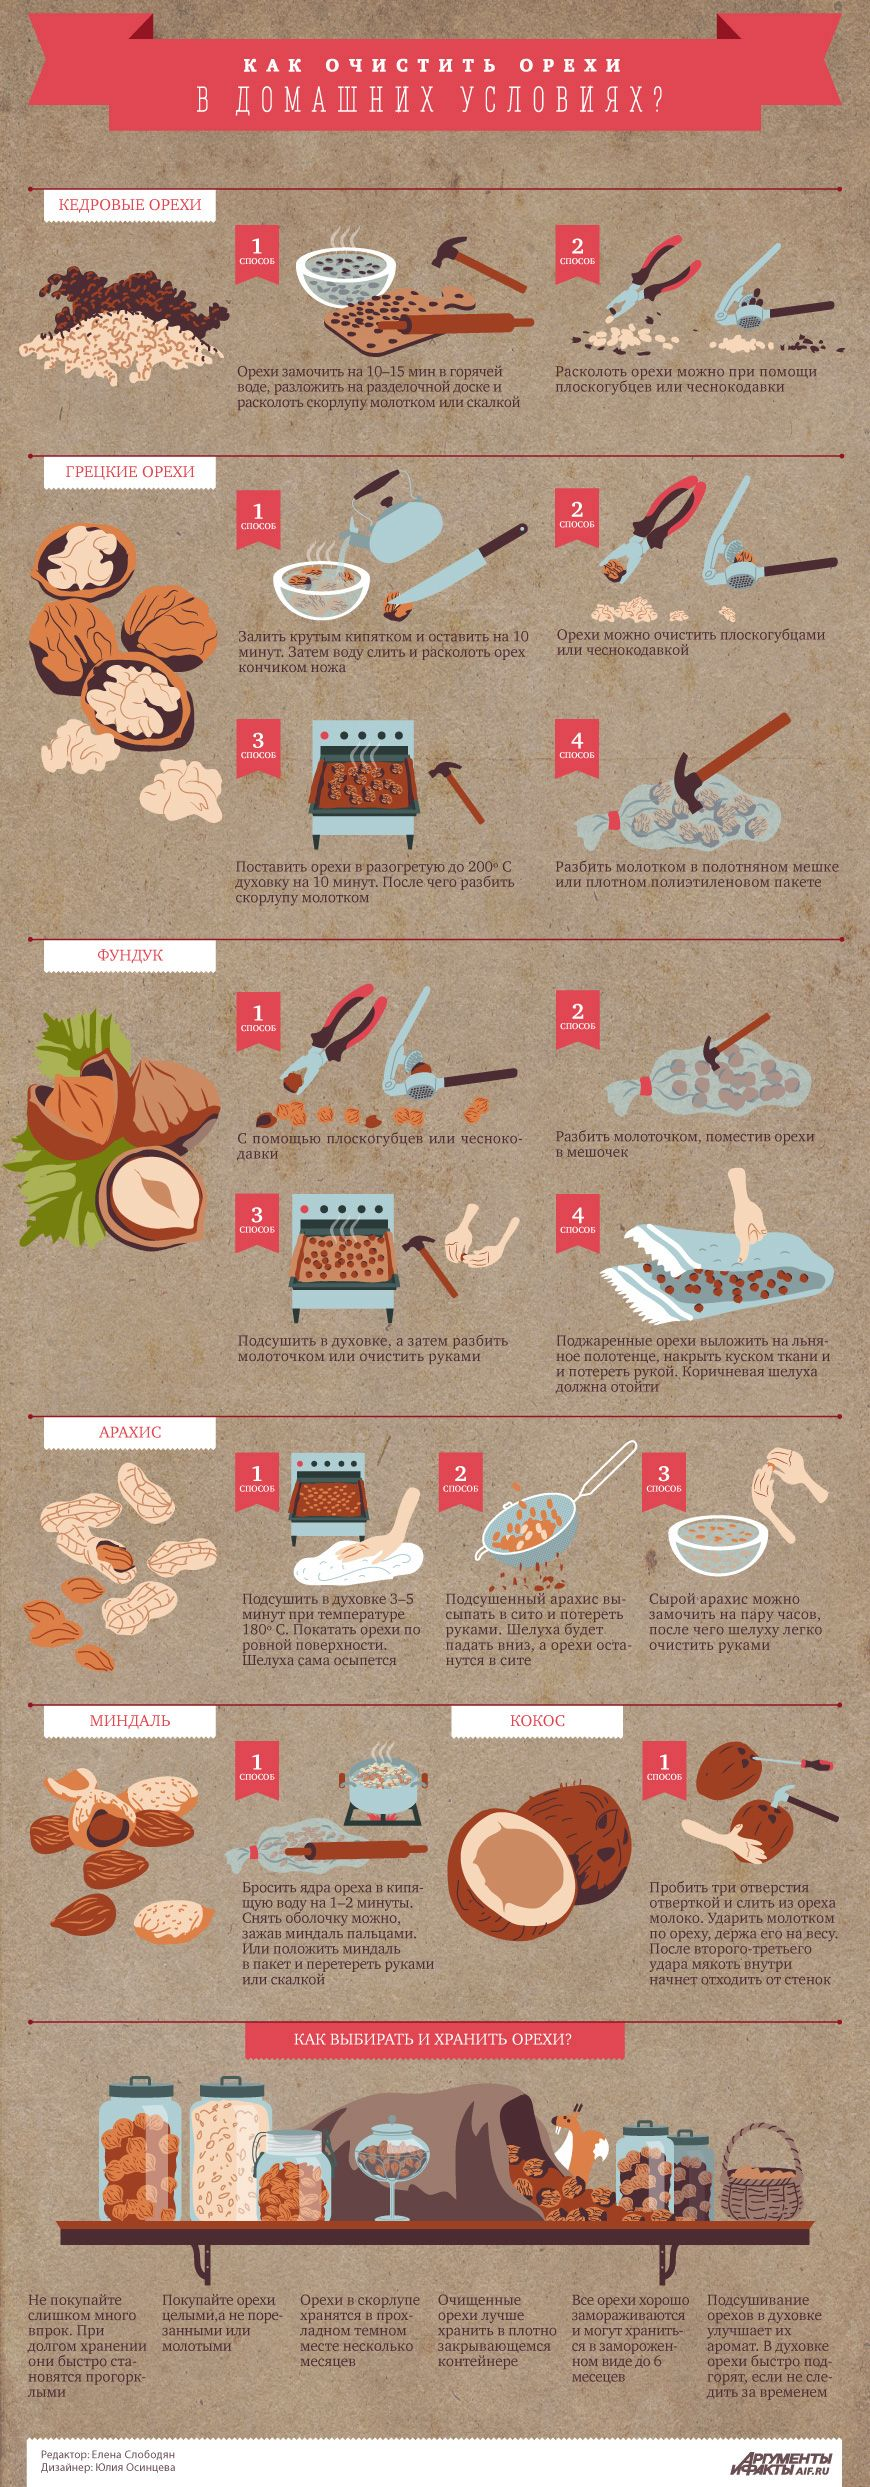 Как очистить орехи в домашних условиях? Инфографика